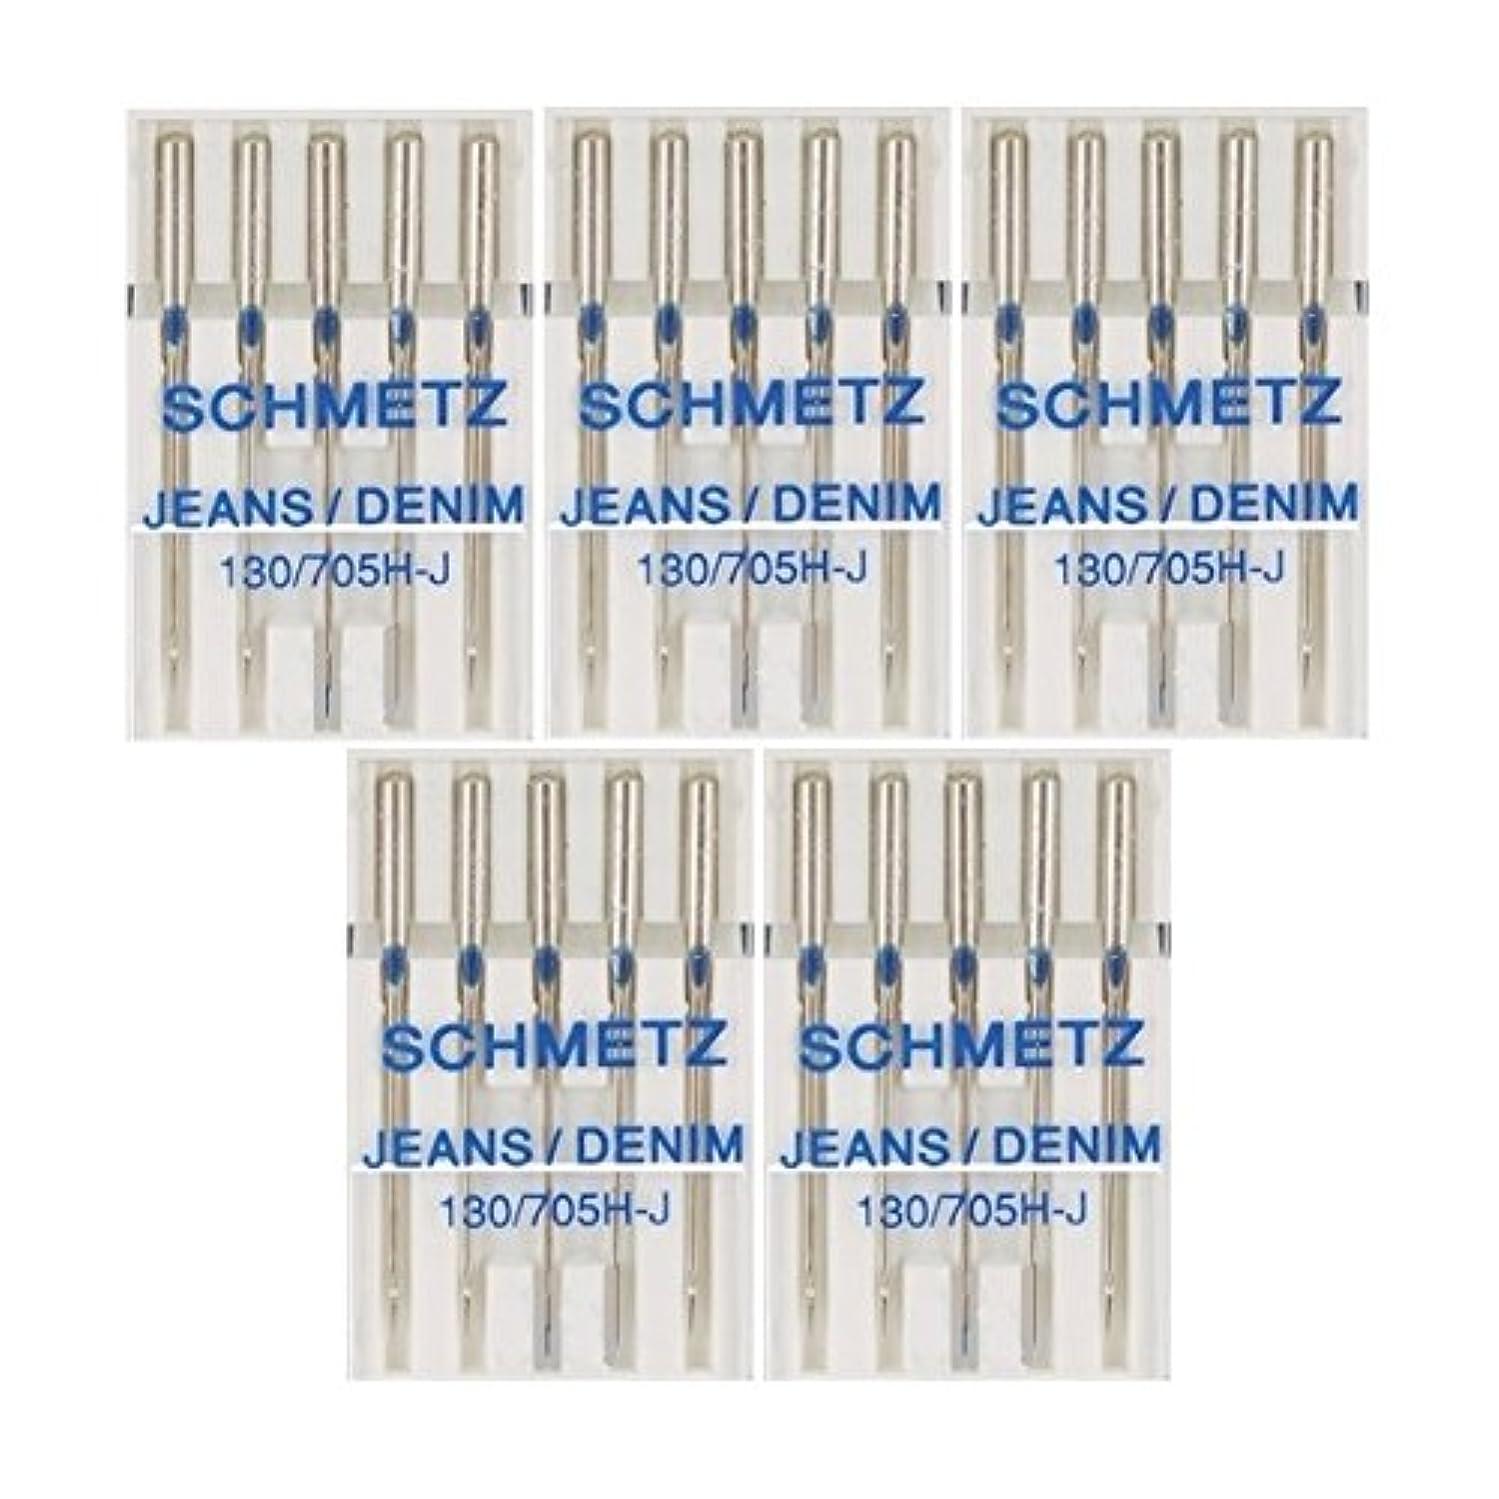 25 Schmetz Jeans Denim Sewing Machine Needles 130/705H-J Size 100/16